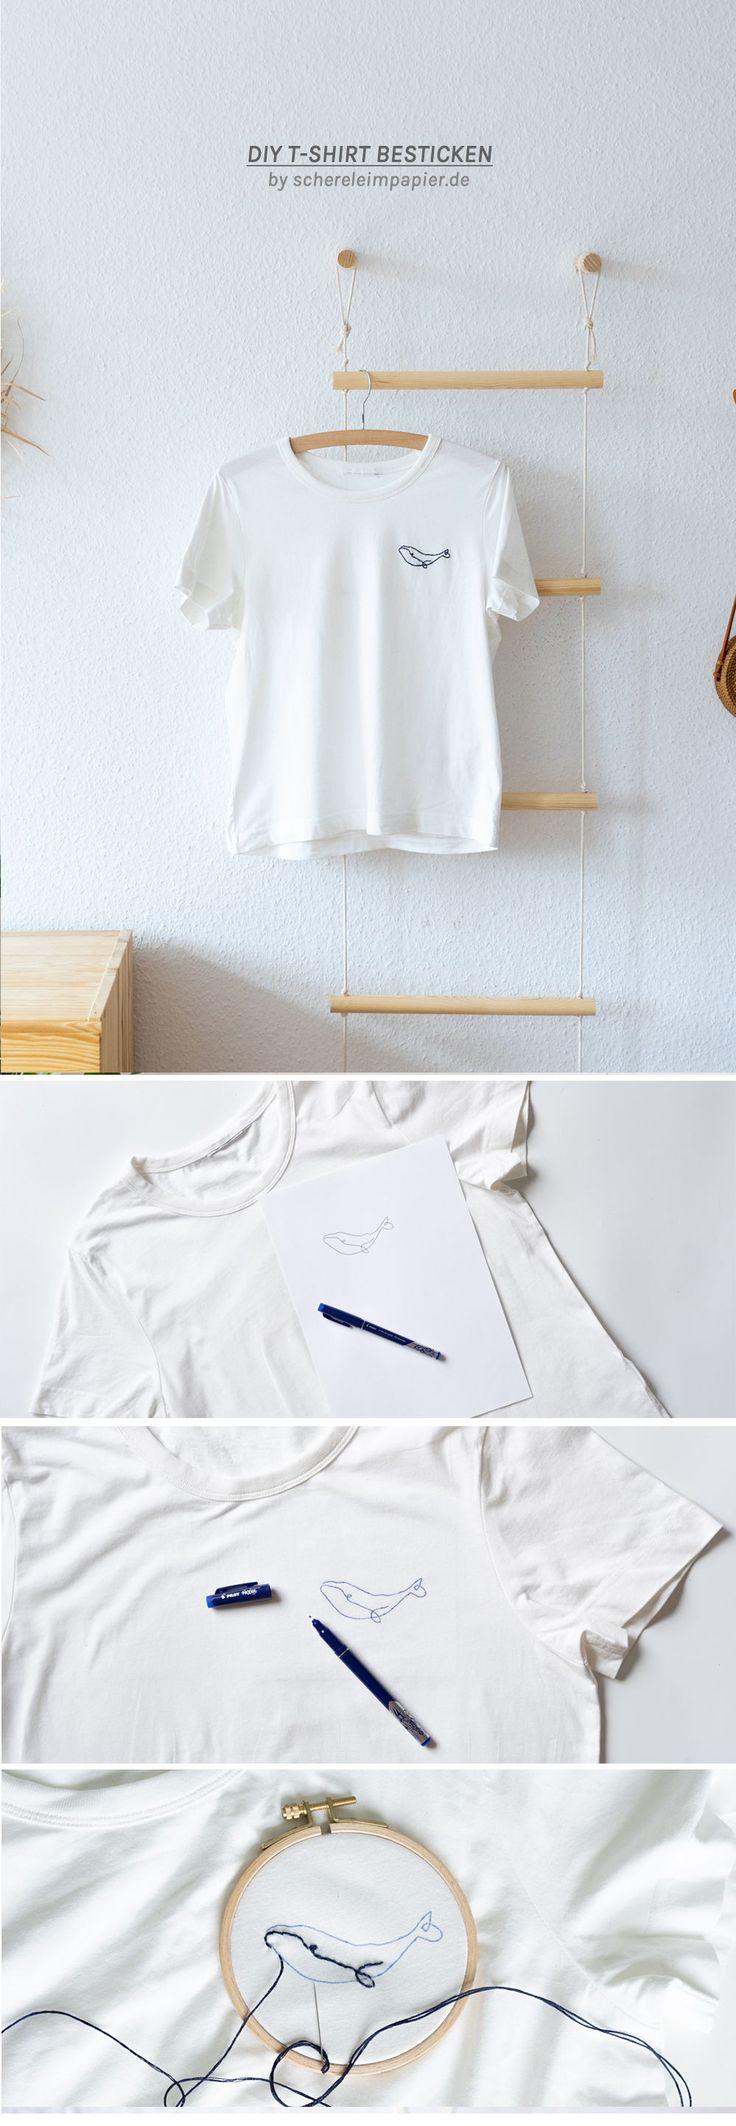 Sticken: So einfach lässt sich ein simples T-Shirts mit einem sommerlichen Moti…